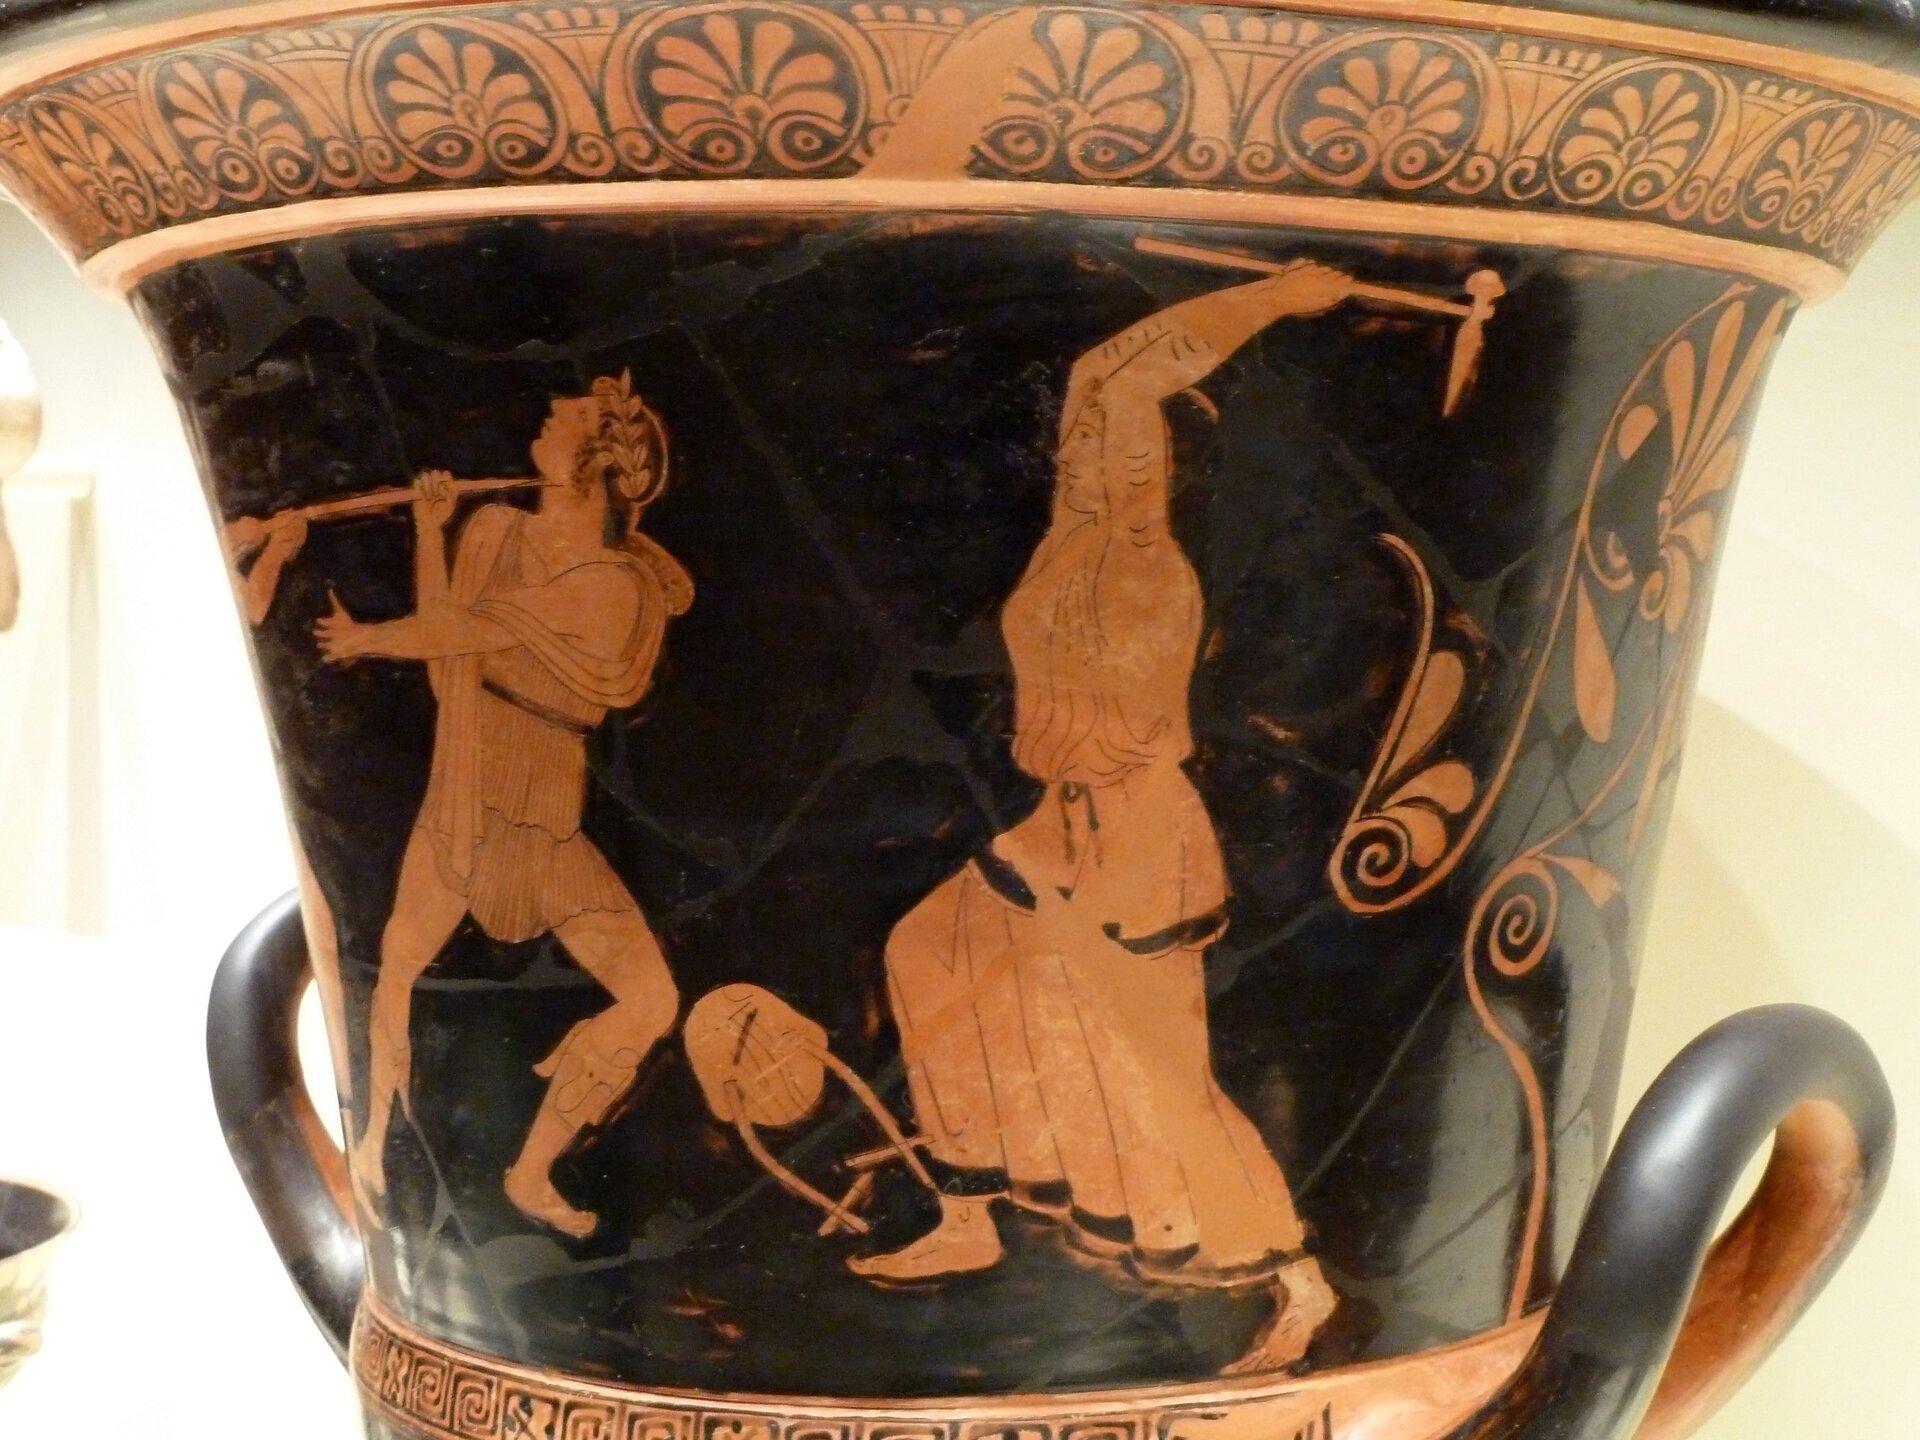 Na ilustracji przedstawiono fragment czerwonofigurowej wazy greckiej. Tematem malowidła jest śmierć Orfeusza zręki rozszalałej bachantki. Na czarnym tle wazy widnieje postać kobiety wjasnoczerwonej długiej szacie. Wuniesionych rękach trzyma narzędzie zbliżone wyglądem do młota, które kieruje wstronę Orfeusza. Pieśniarz ma odwróconą głowę. Pomiędzy walczącymi leży. Kompozycję zwieńczają motywy dekoracyjne ugóry iudołu wazy.